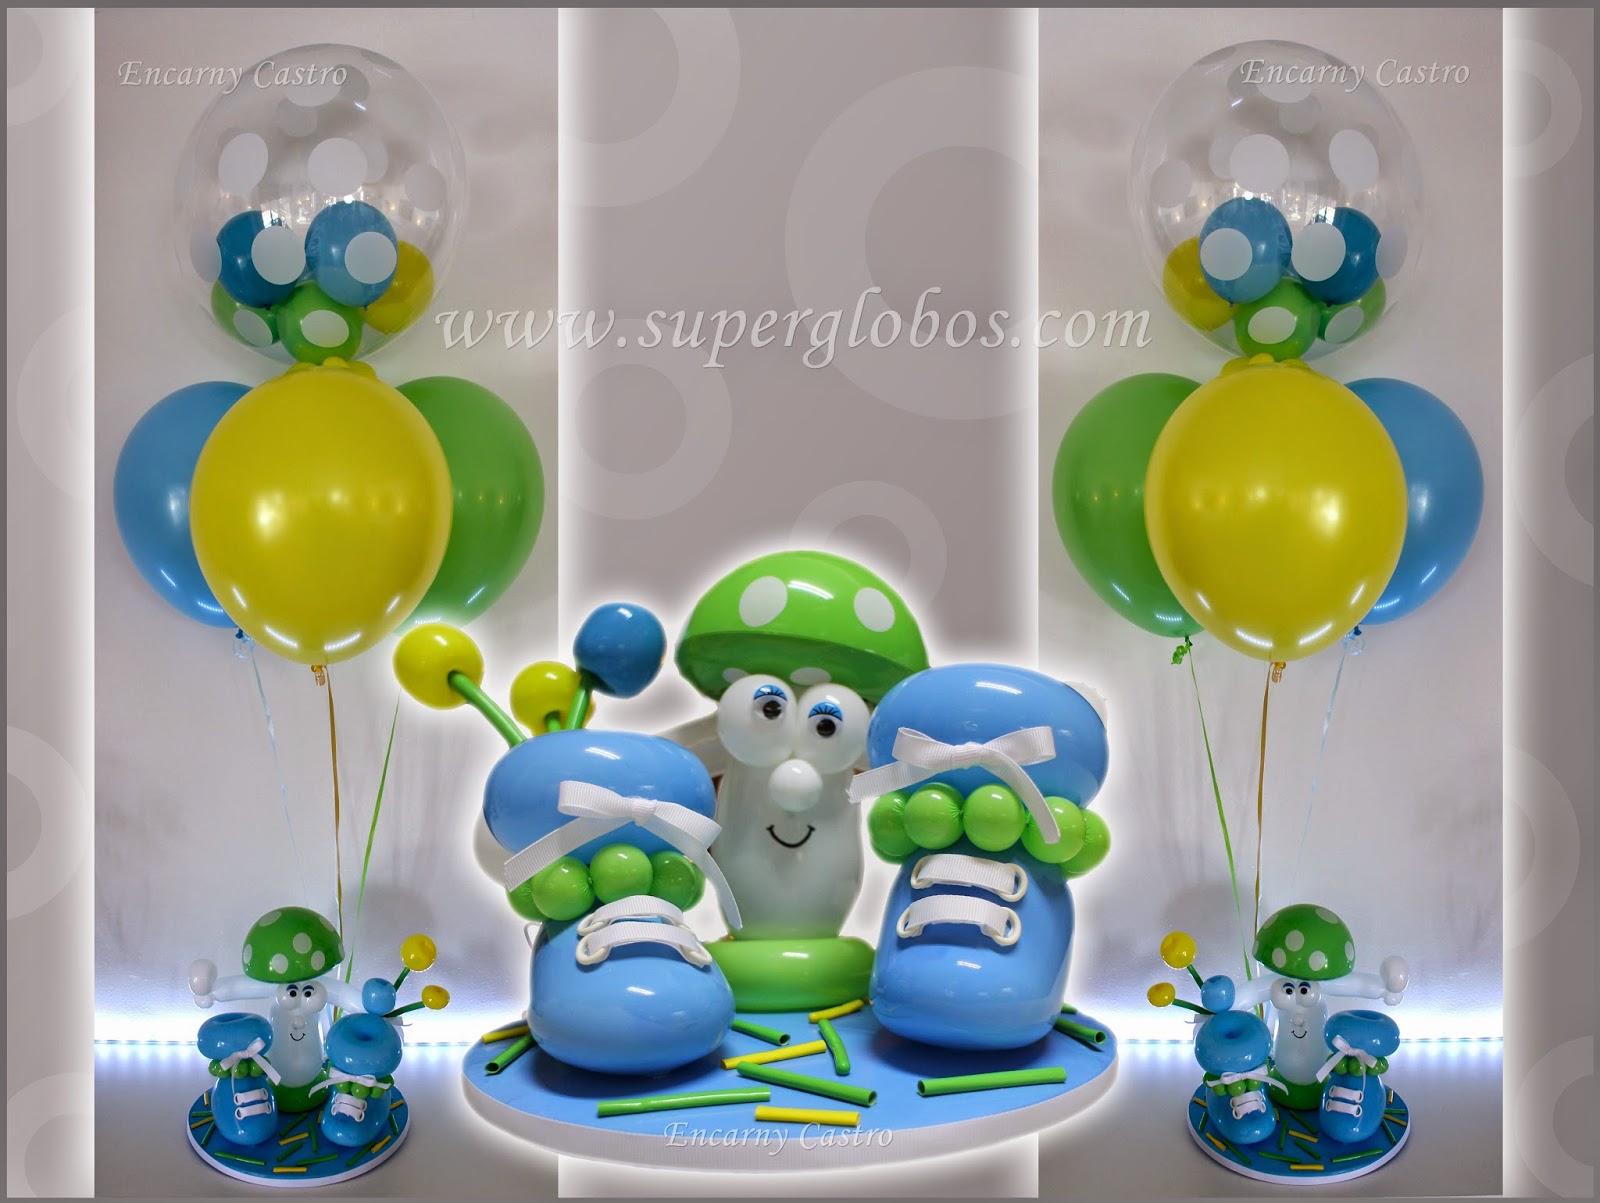 Una decoraci n con globos muy especial para el bautizo de - Decoracion con bombas para bautizo ...